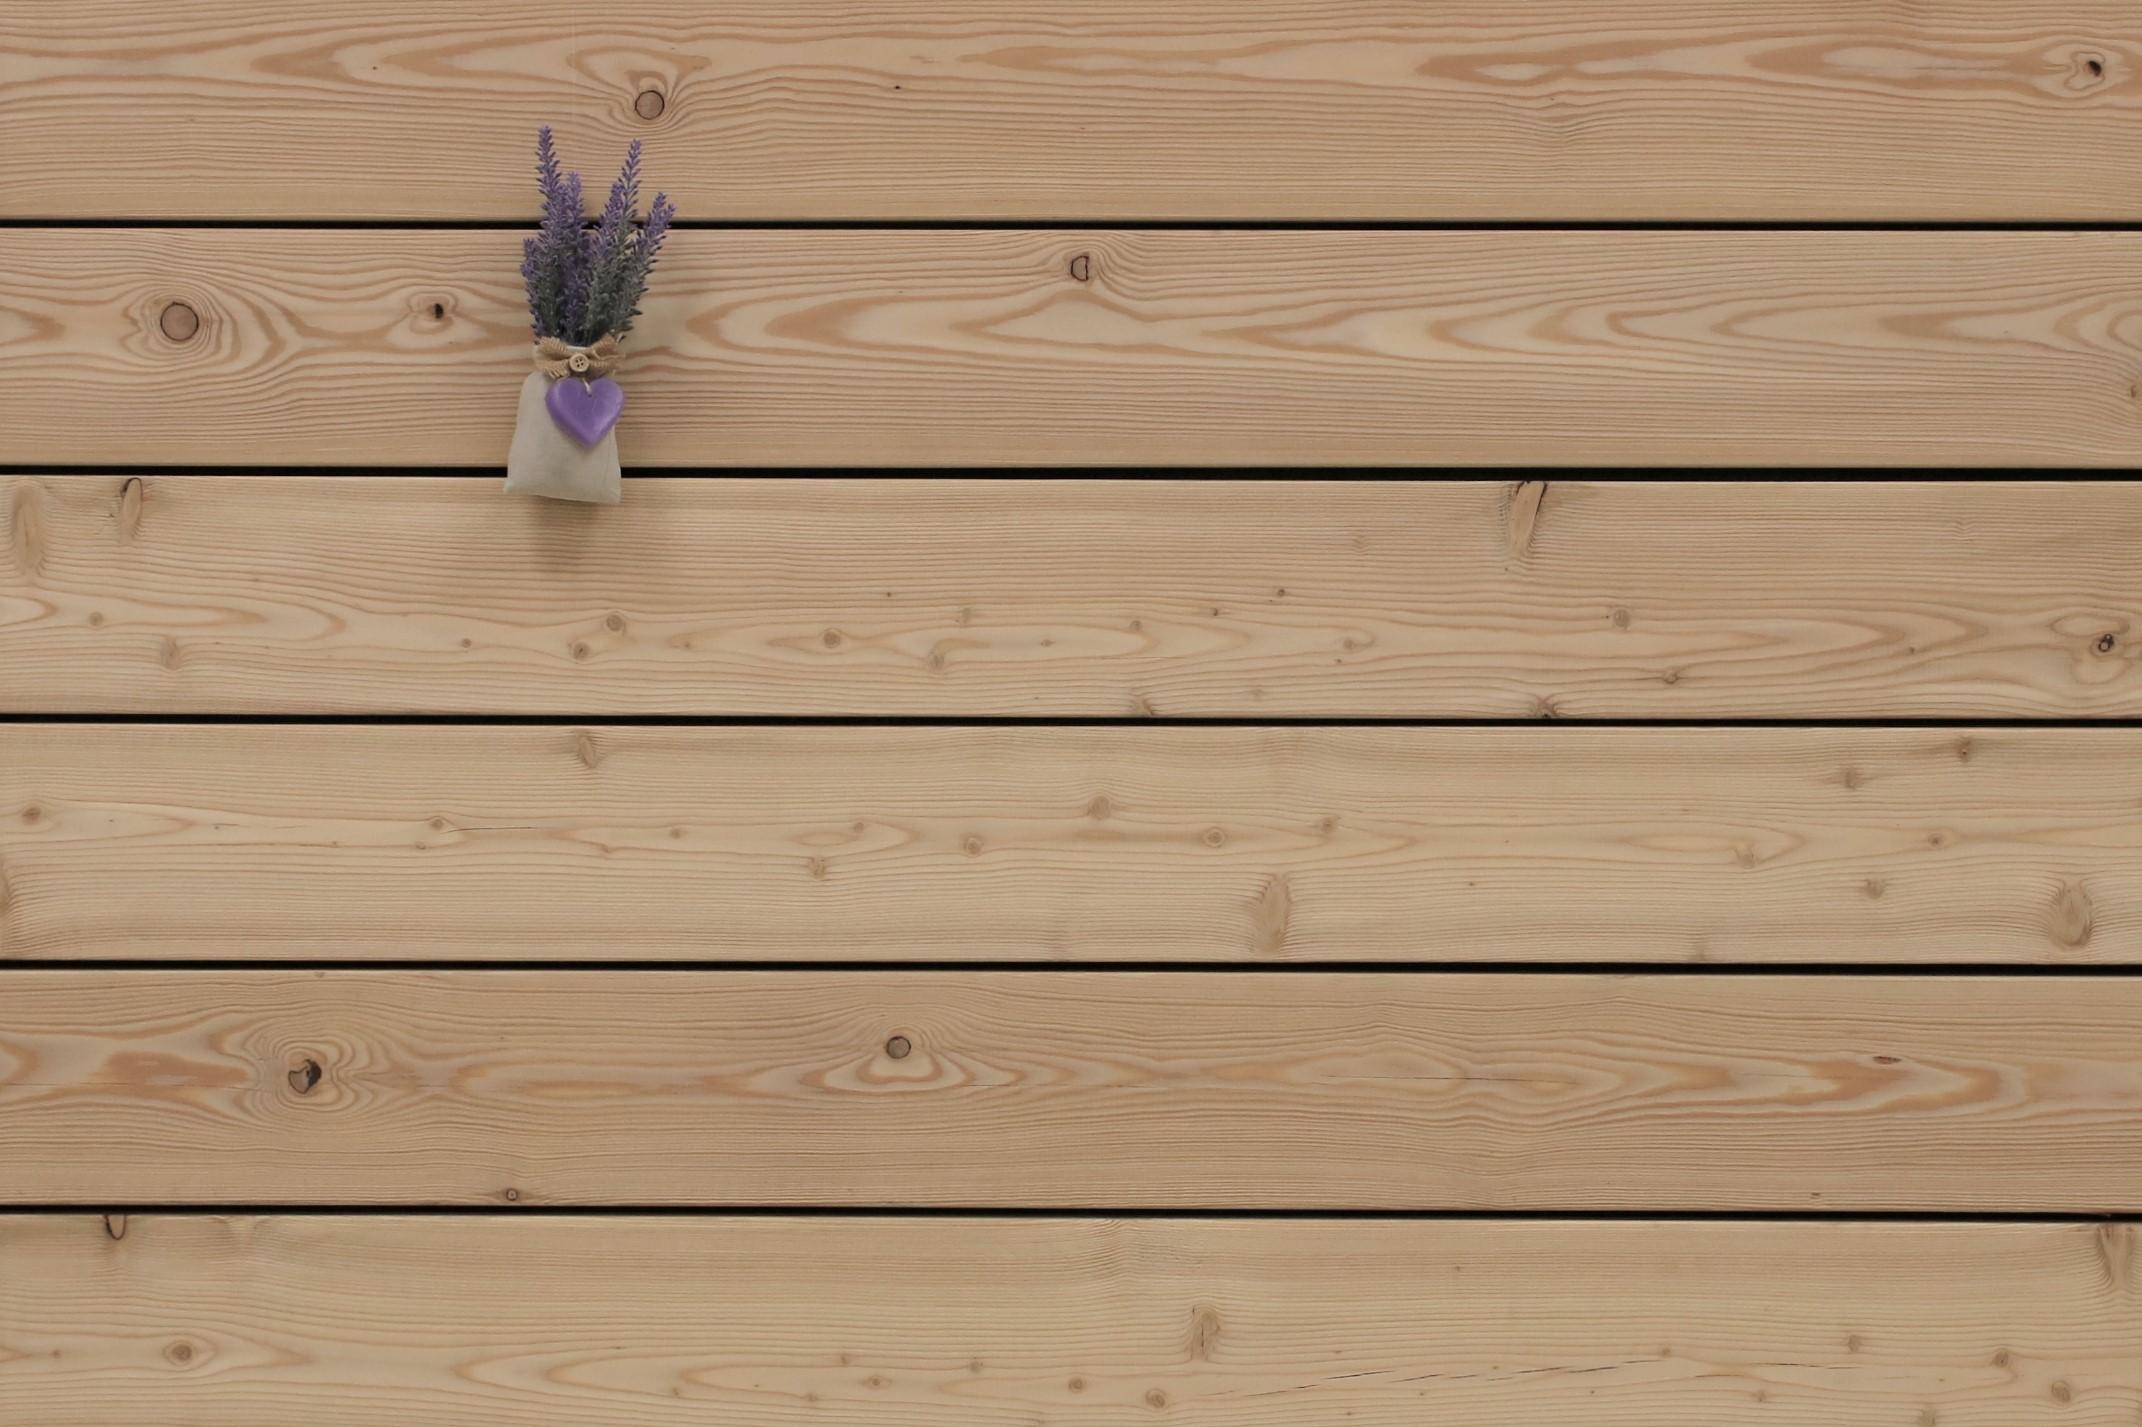 Angebot des Monats, Sibirische Lärche Terrassendielen, glatt, AB Sortierung, 26 x 143 bis 6000 mm für 6,90 €/lfm